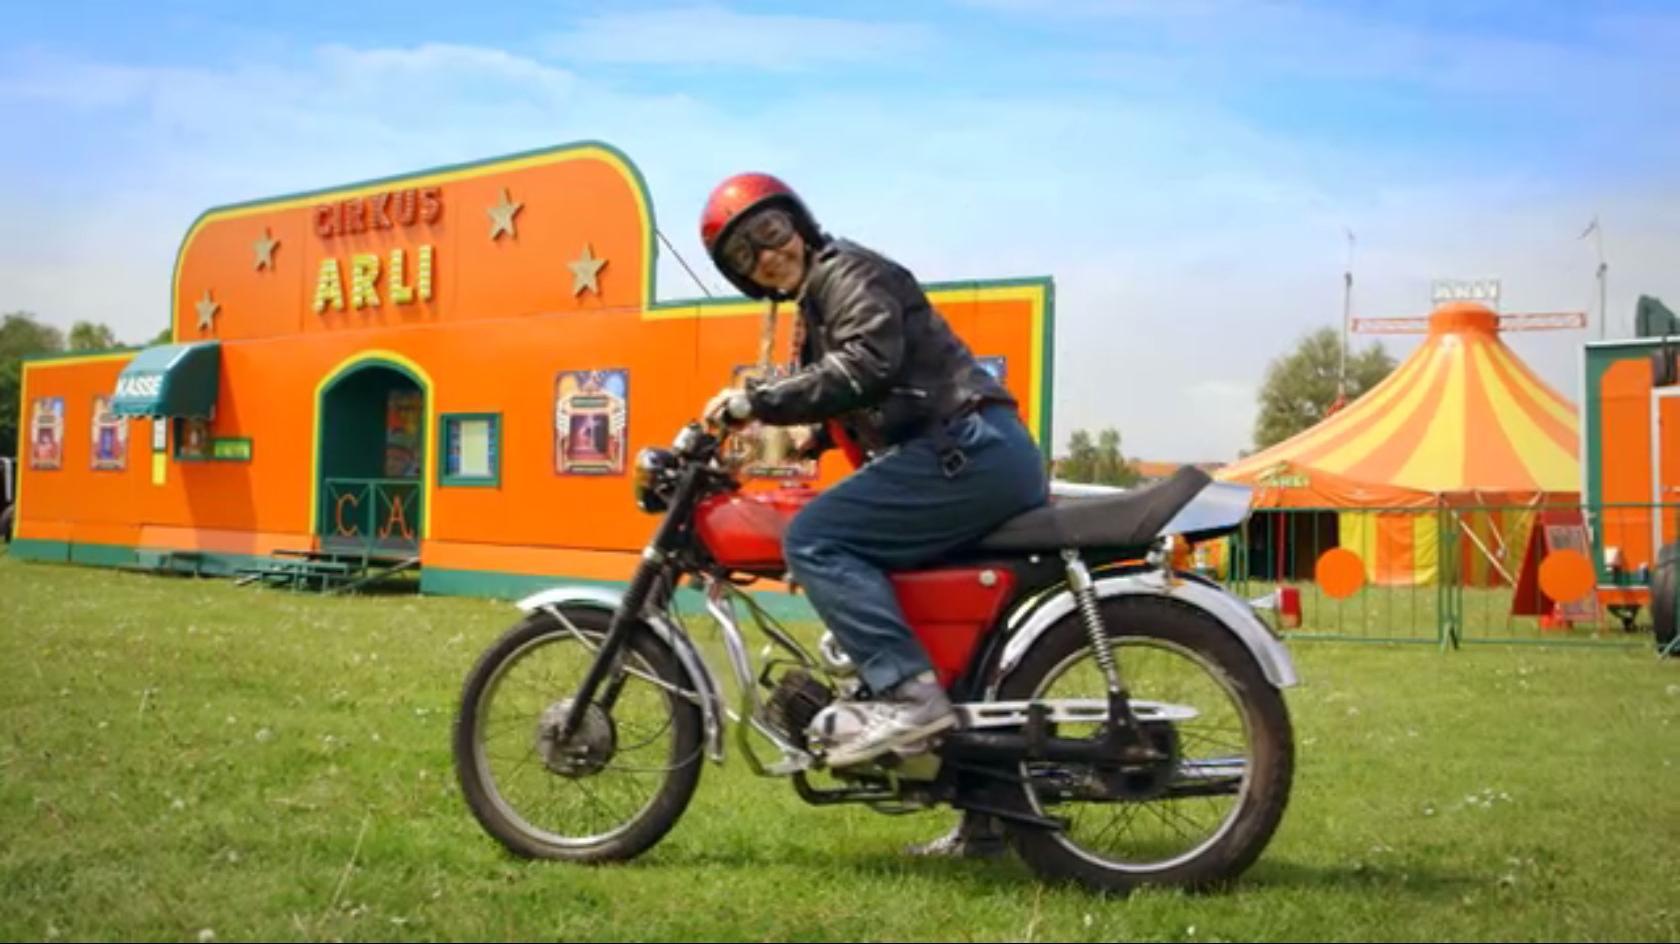 motor mille på motorcykel.jpg